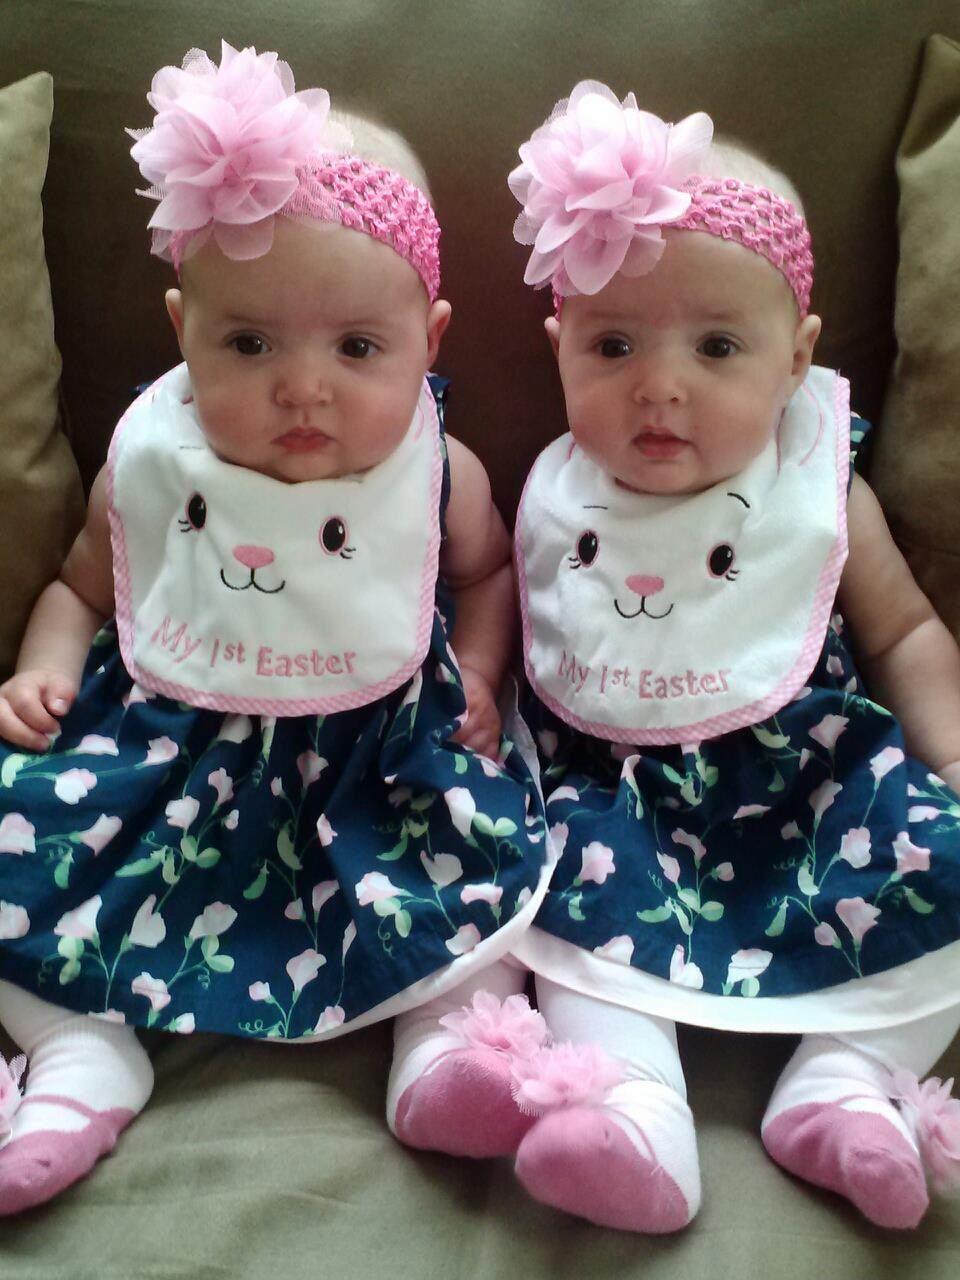 Newborn Identical Twins Identical Twins...